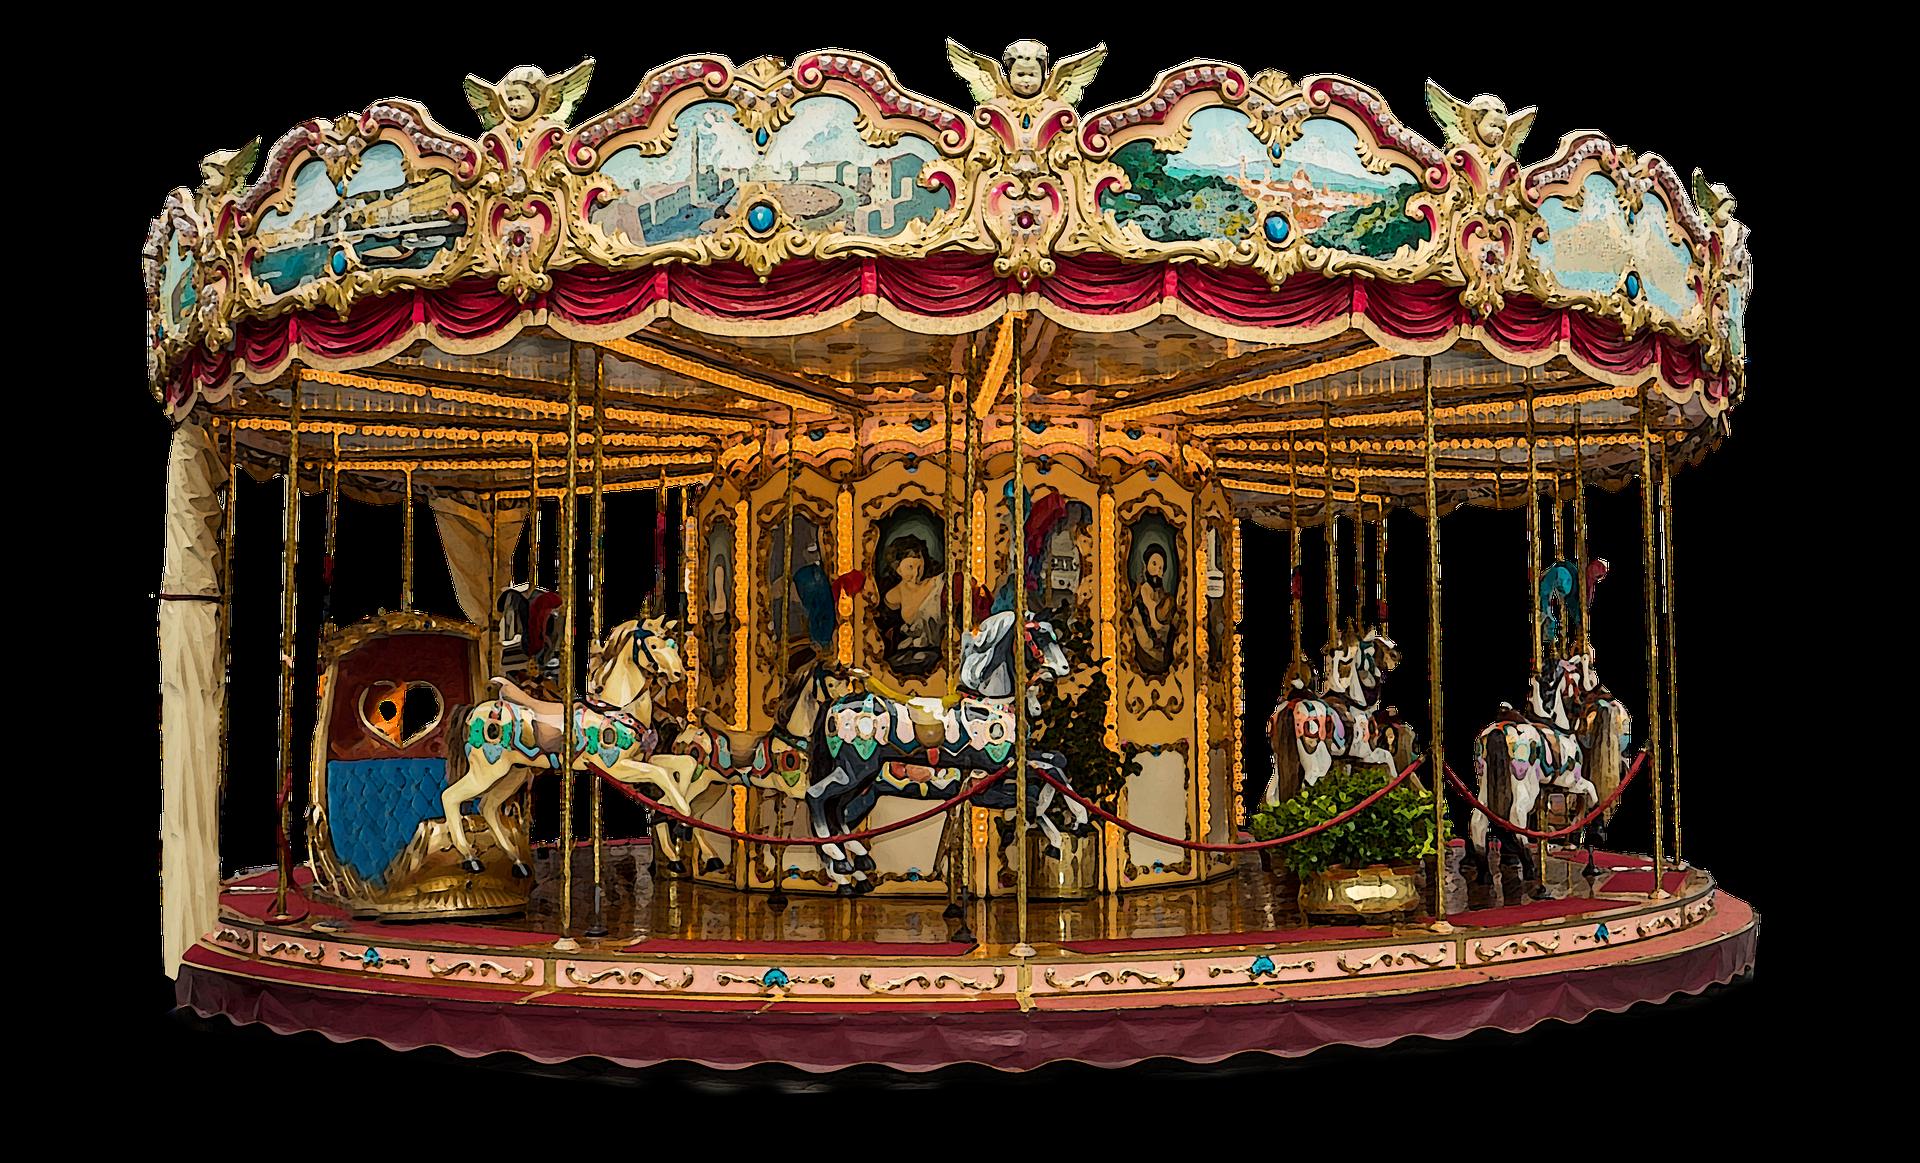 Carrousel musical - Illustration